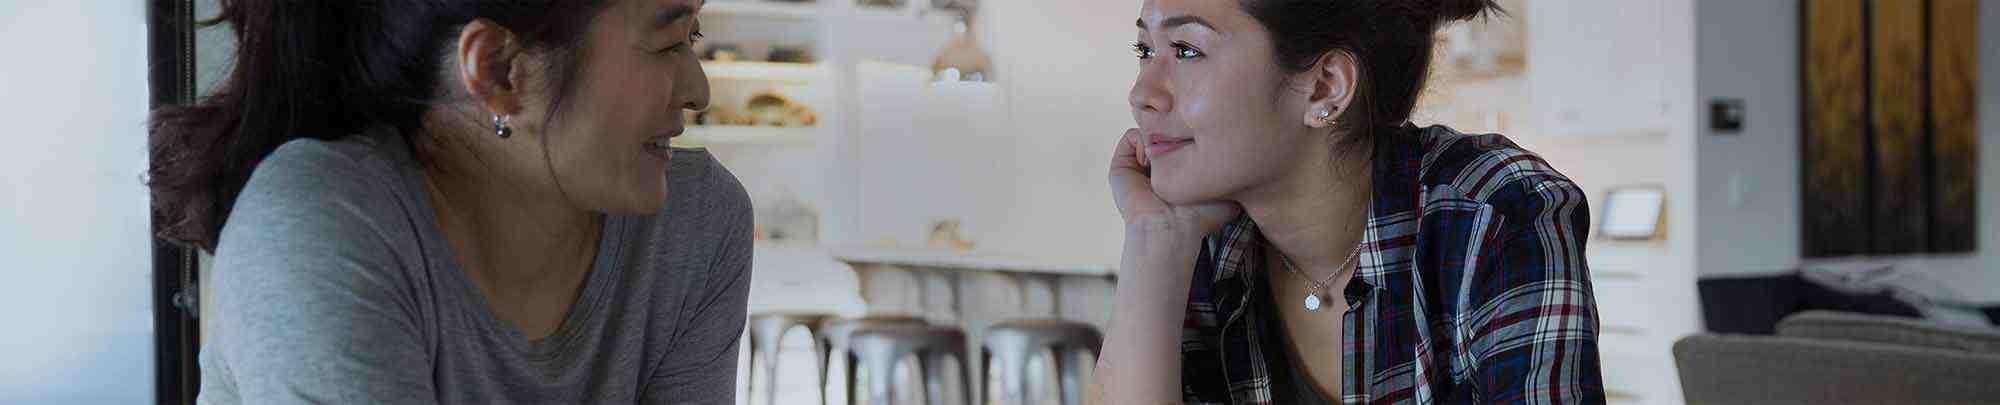 אישה צעירה משוחחת עם אימה במטבח